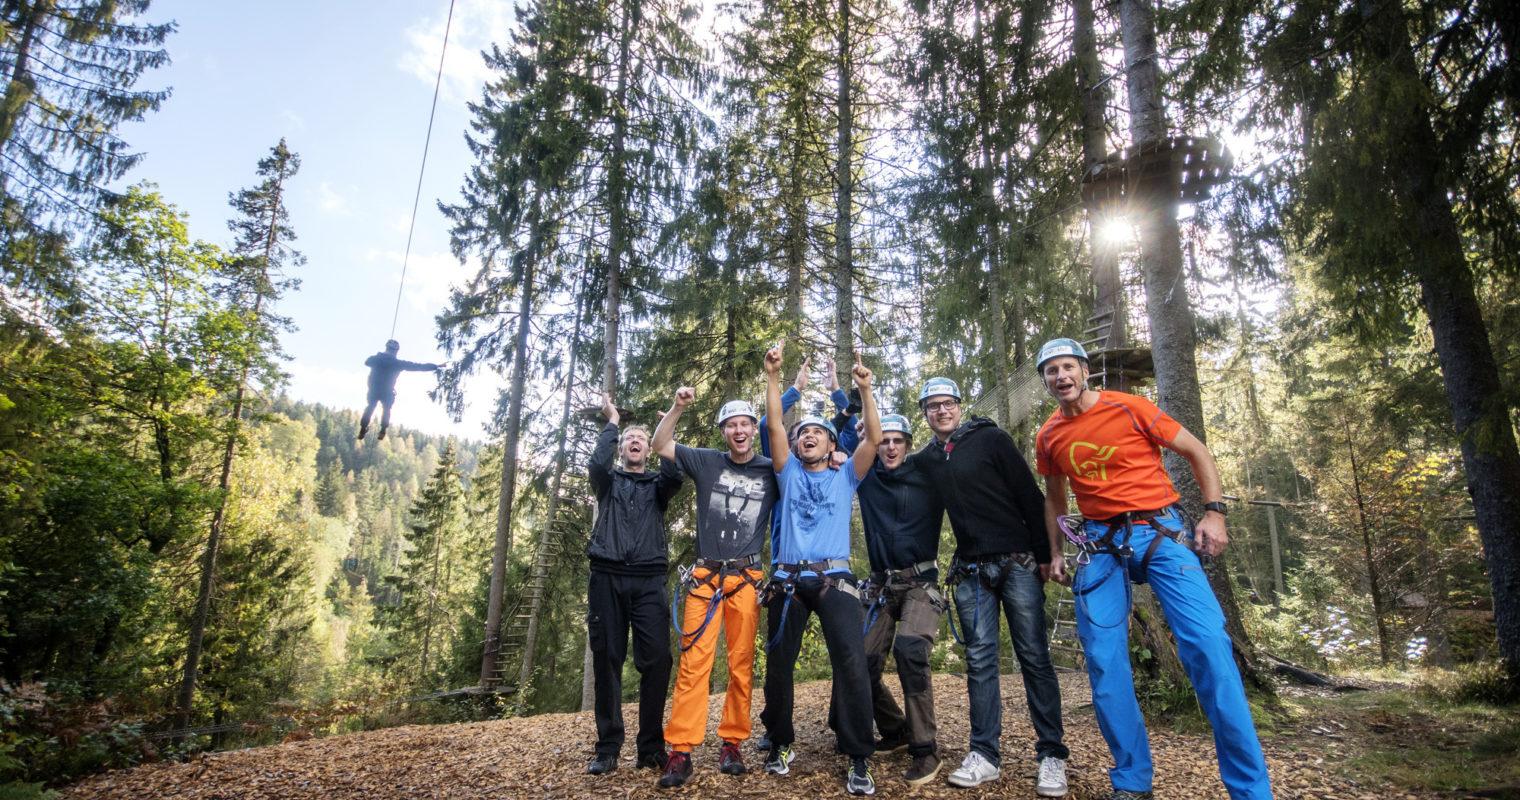 Høytflyvende opplevelser i klatreparken